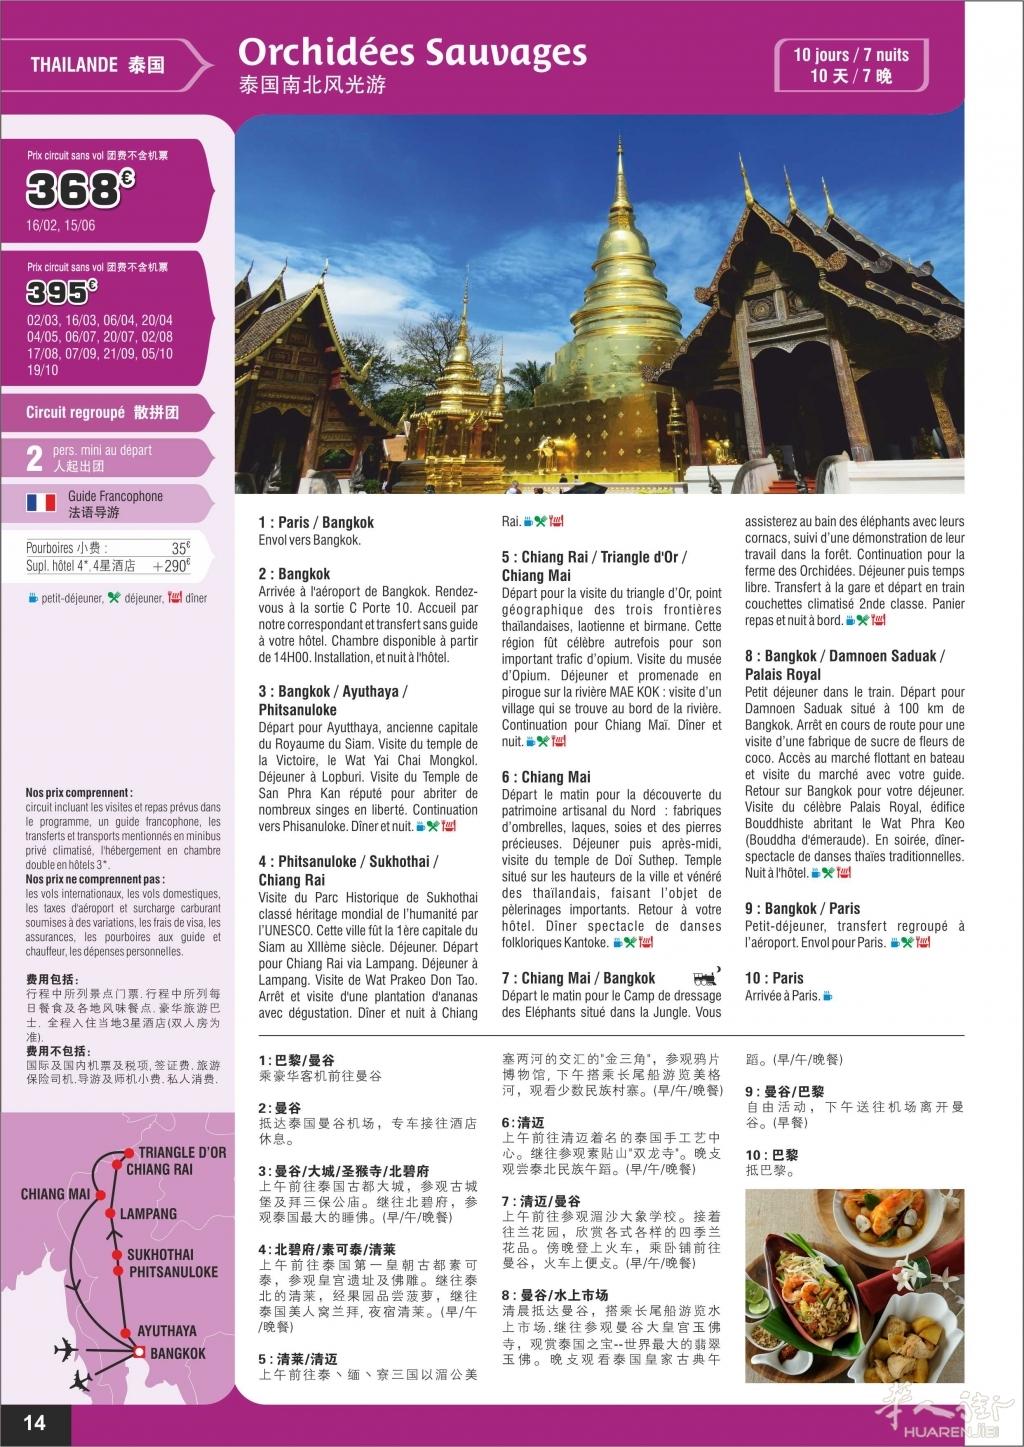 p14-Thailande Orchidées Sauvages-v06.jpg